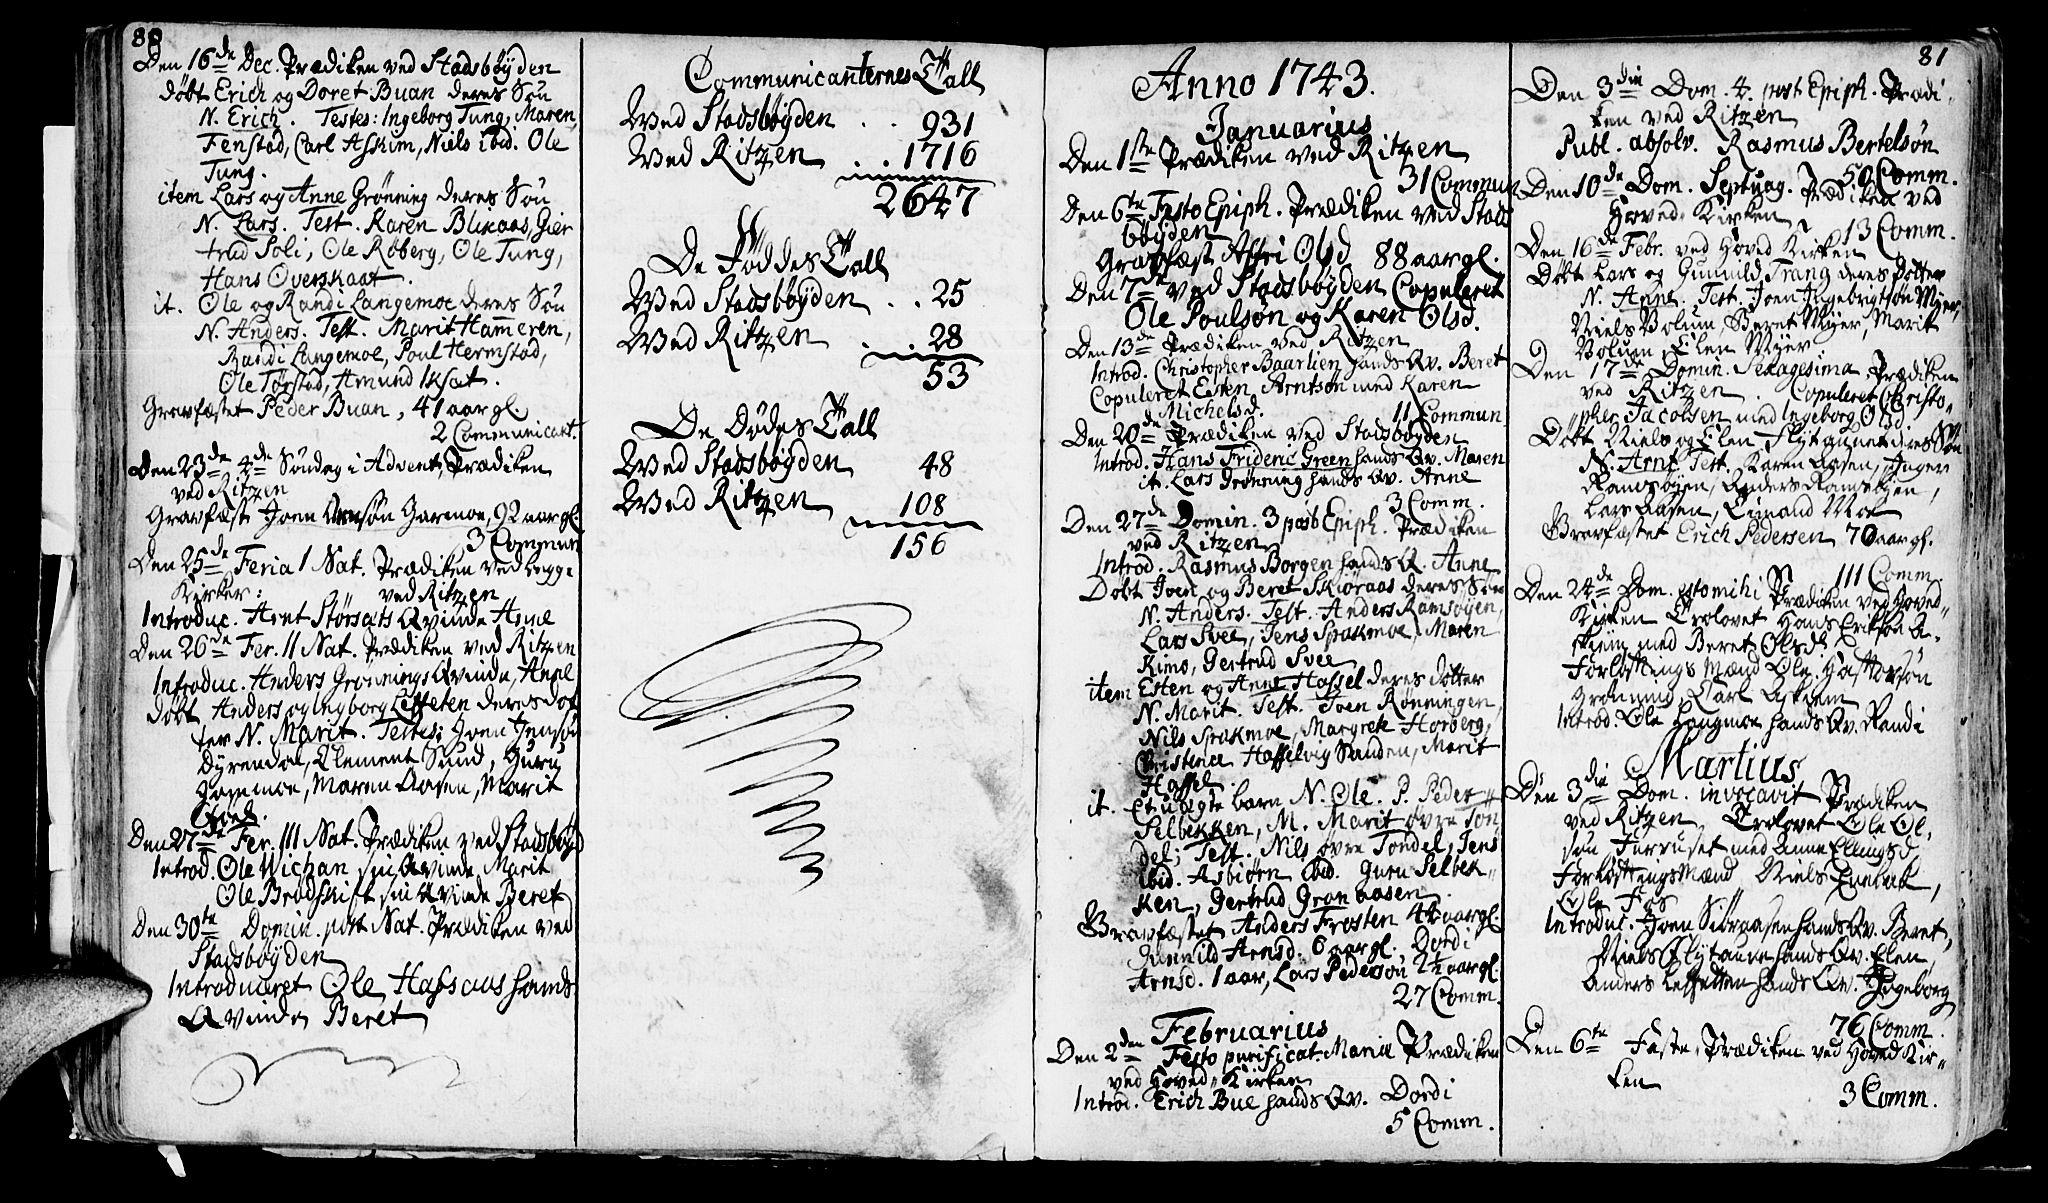 SAT, Ministerialprotokoller, klokkerbøker og fødselsregistre - Sør-Trøndelag, 646/L0604: Ministerialbok nr. 646A02, 1735-1750, s. 80-81